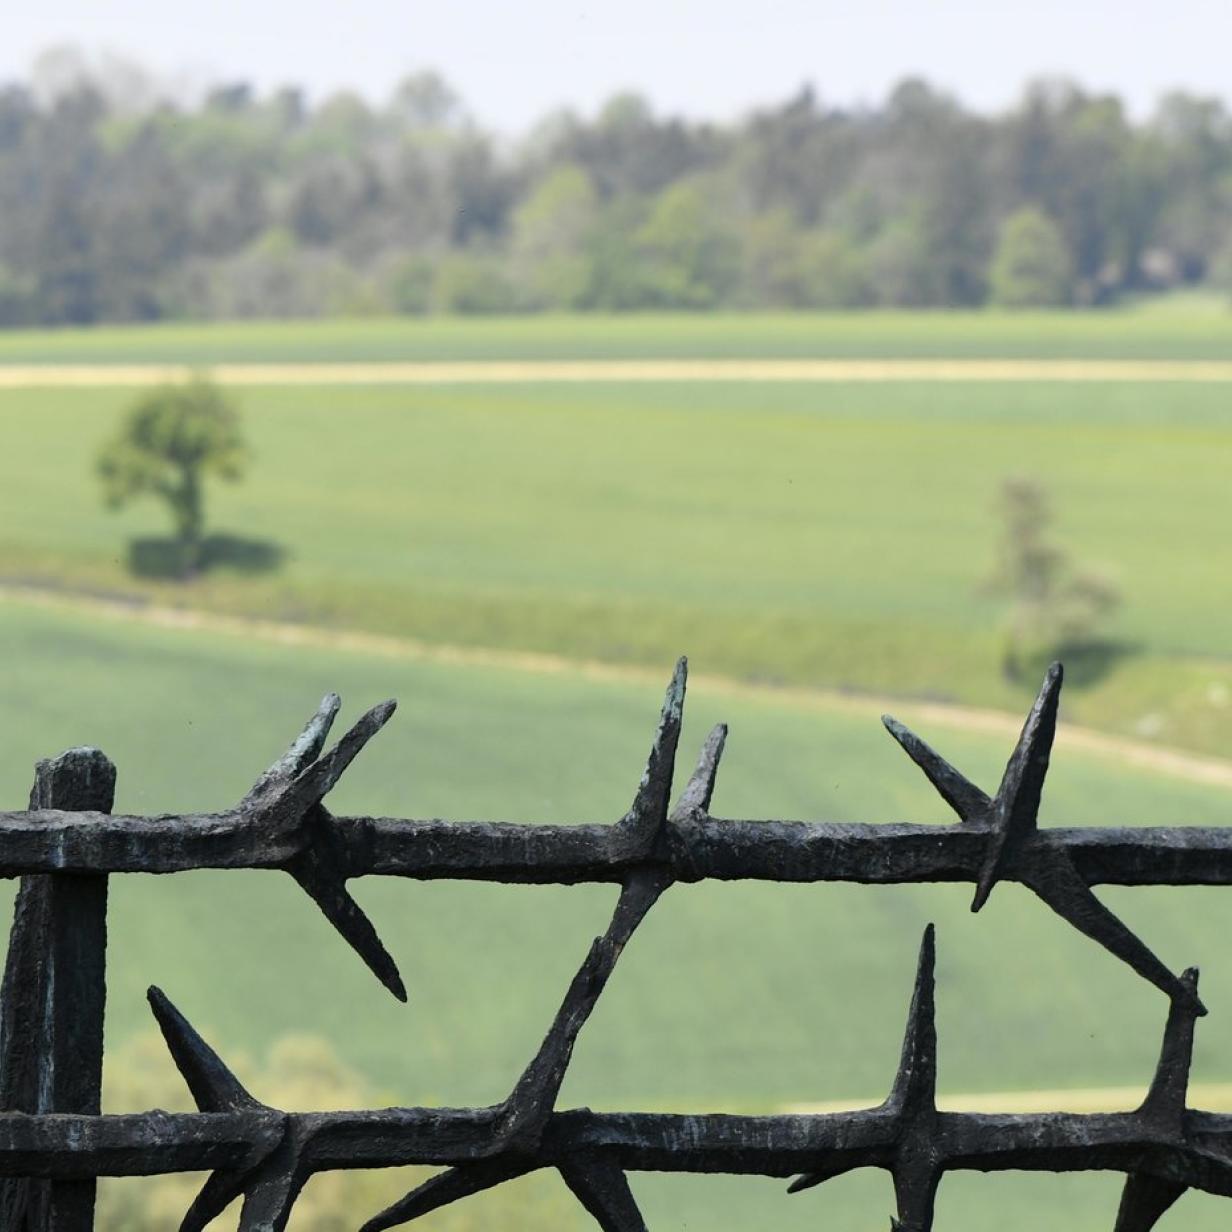 KZ-Massengräber in Oberösterreich könnten übersehen worden sein